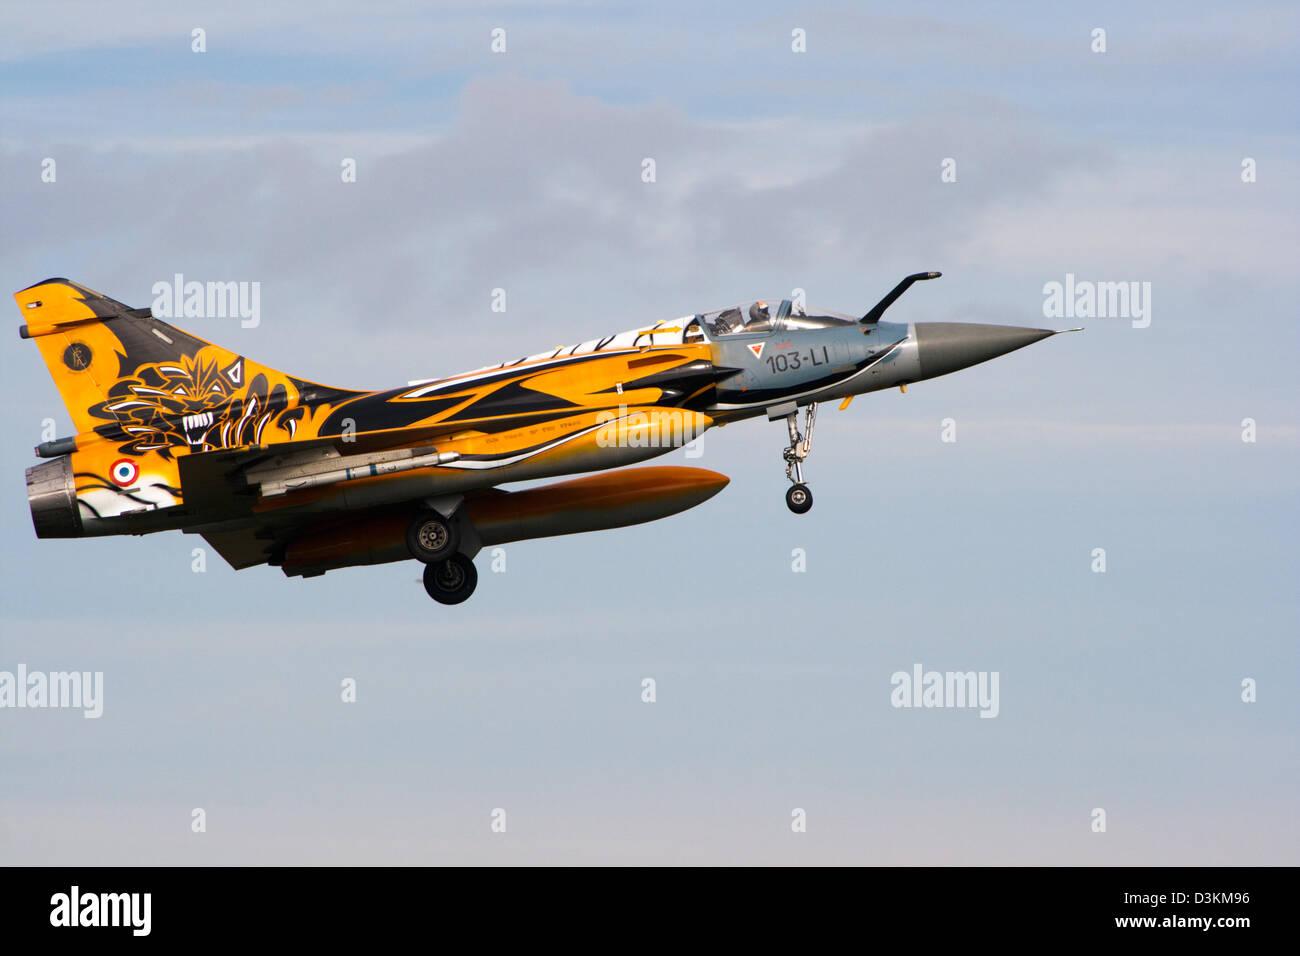 96 mirage sport jet